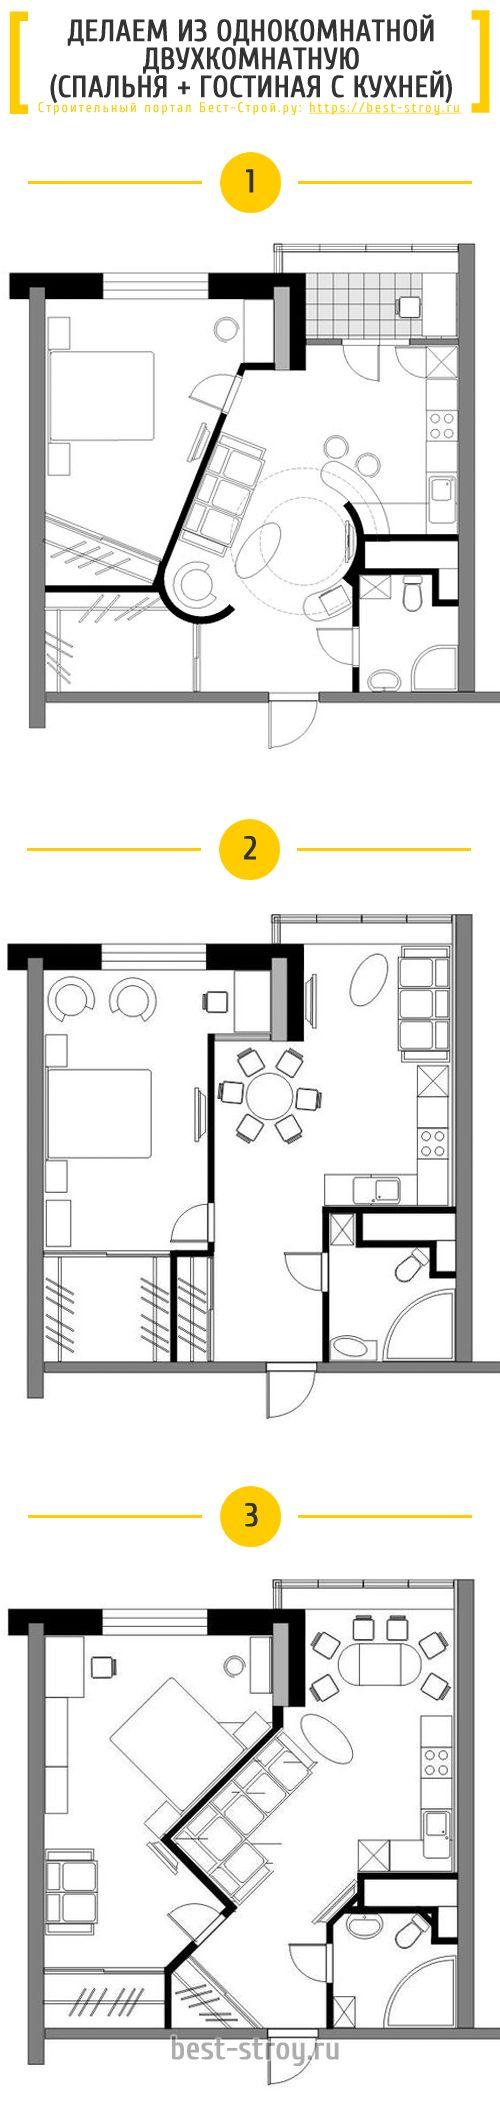 Идеи как сделать из однушки двушку: решения перепланировки однокомнатной квартиры в двухкомнатную.